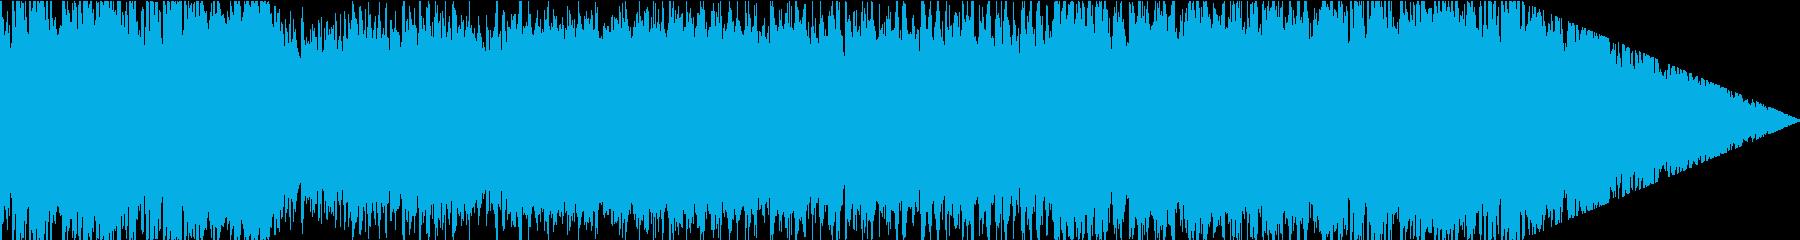 華やかで晴れ晴れしいBGMの再生済みの波形